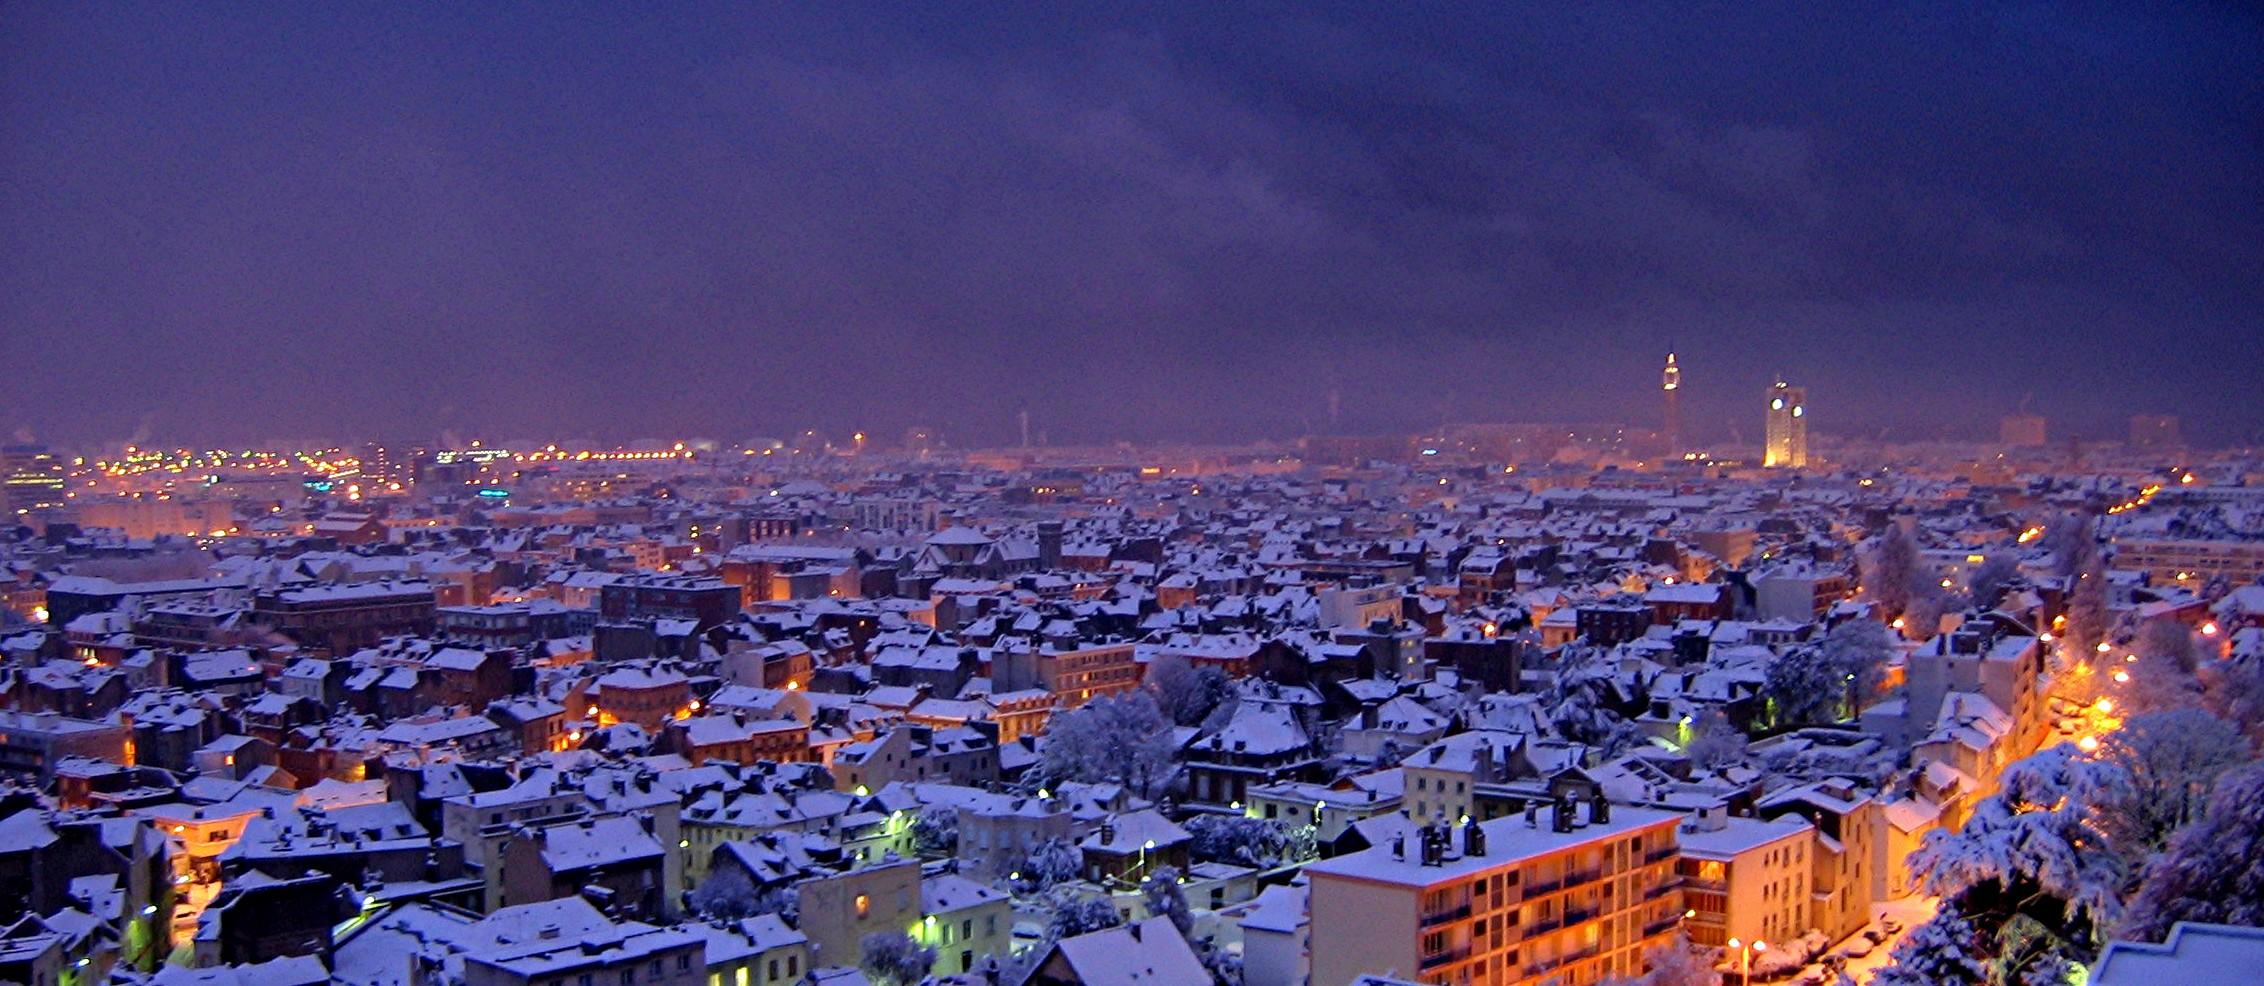 Night View Hd Wallpaper File Neige Le Havre France 20051228 02 Jpg Wikimedia